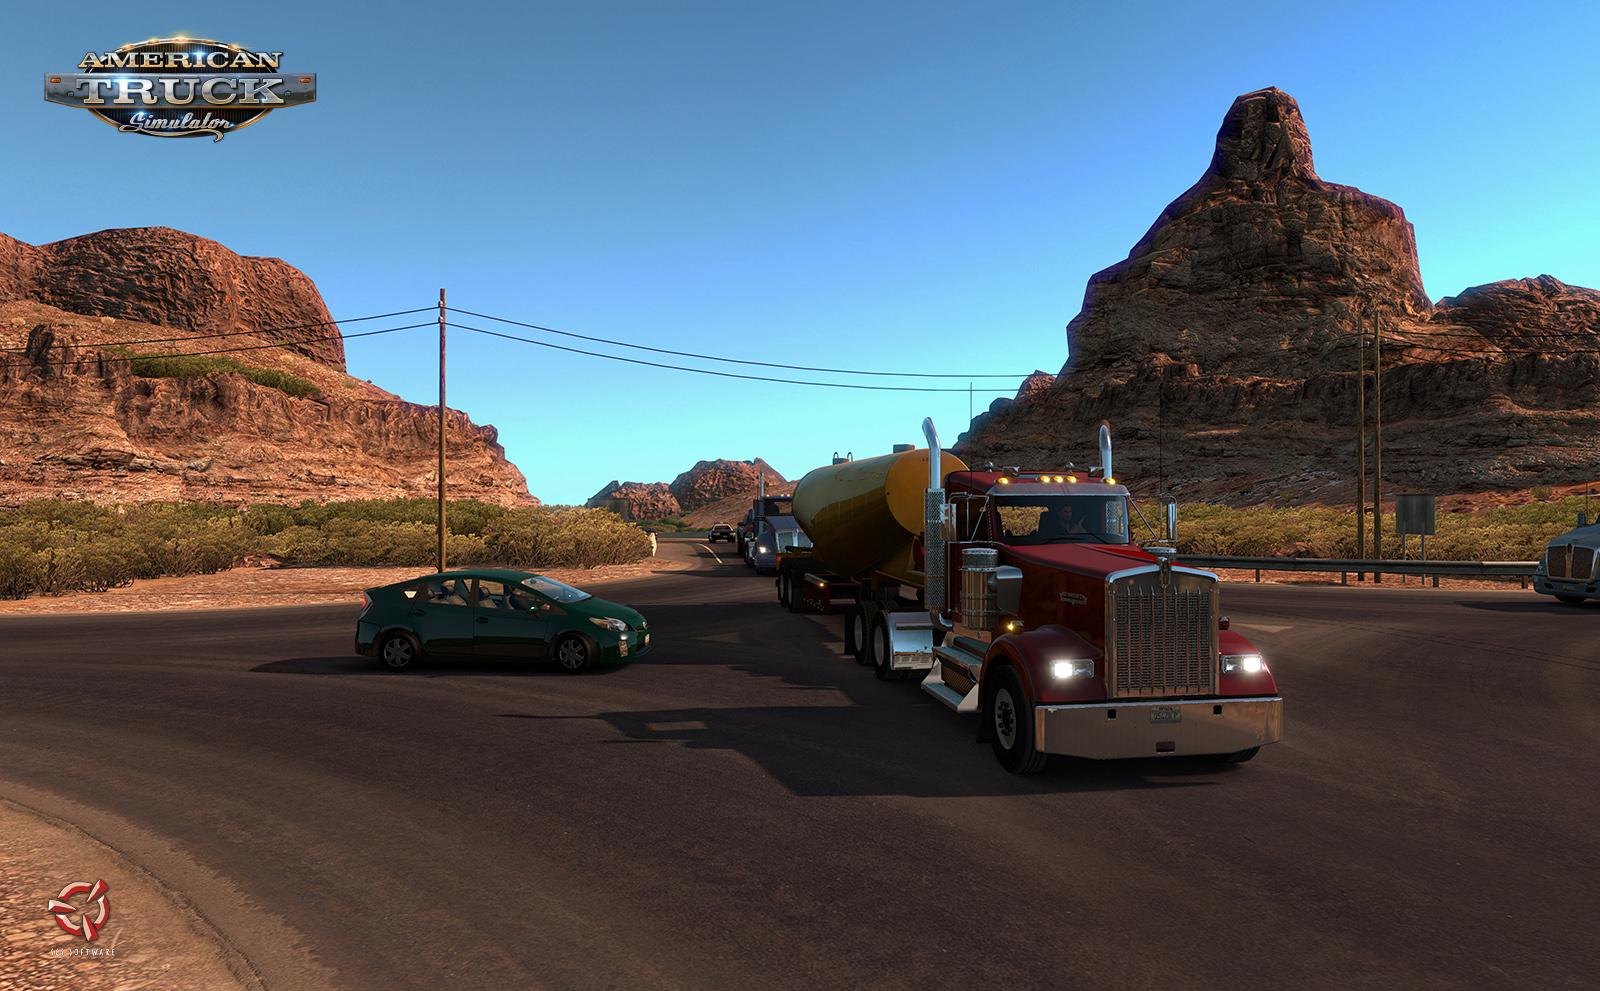 ATS_Arizona_007.jpg